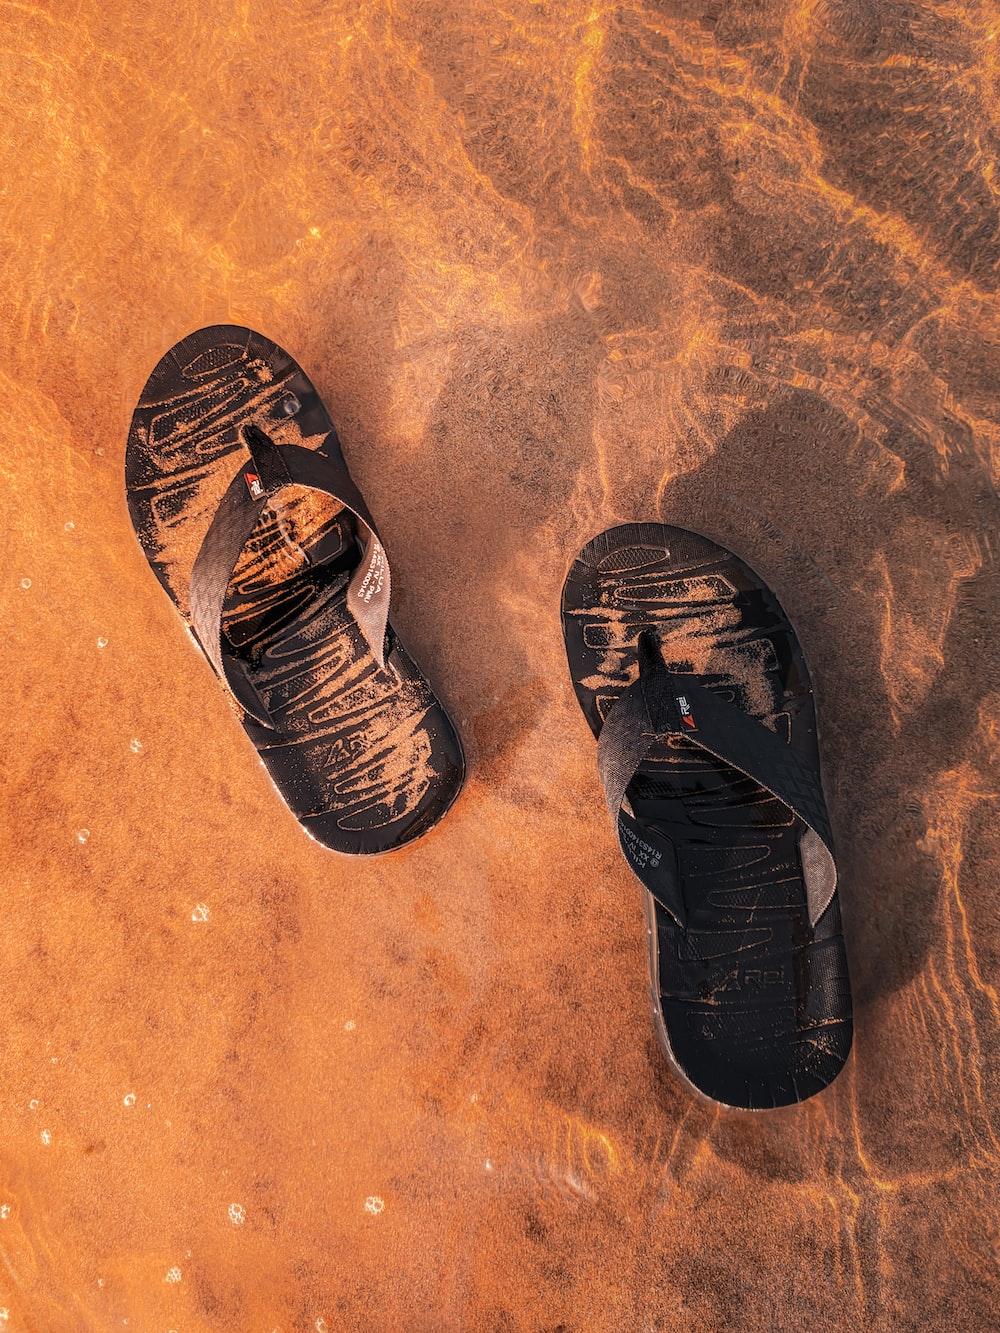 black and brown flip flops